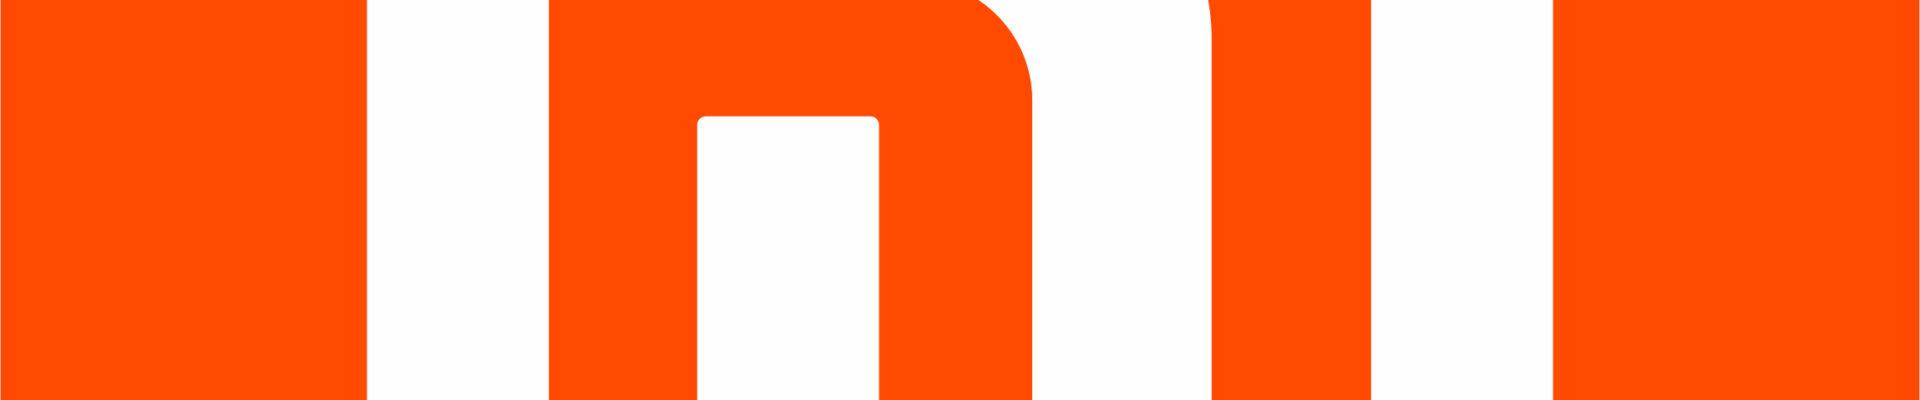 logo xiaomi. miały napis przypominający 'mi' na pomarańczowym tle